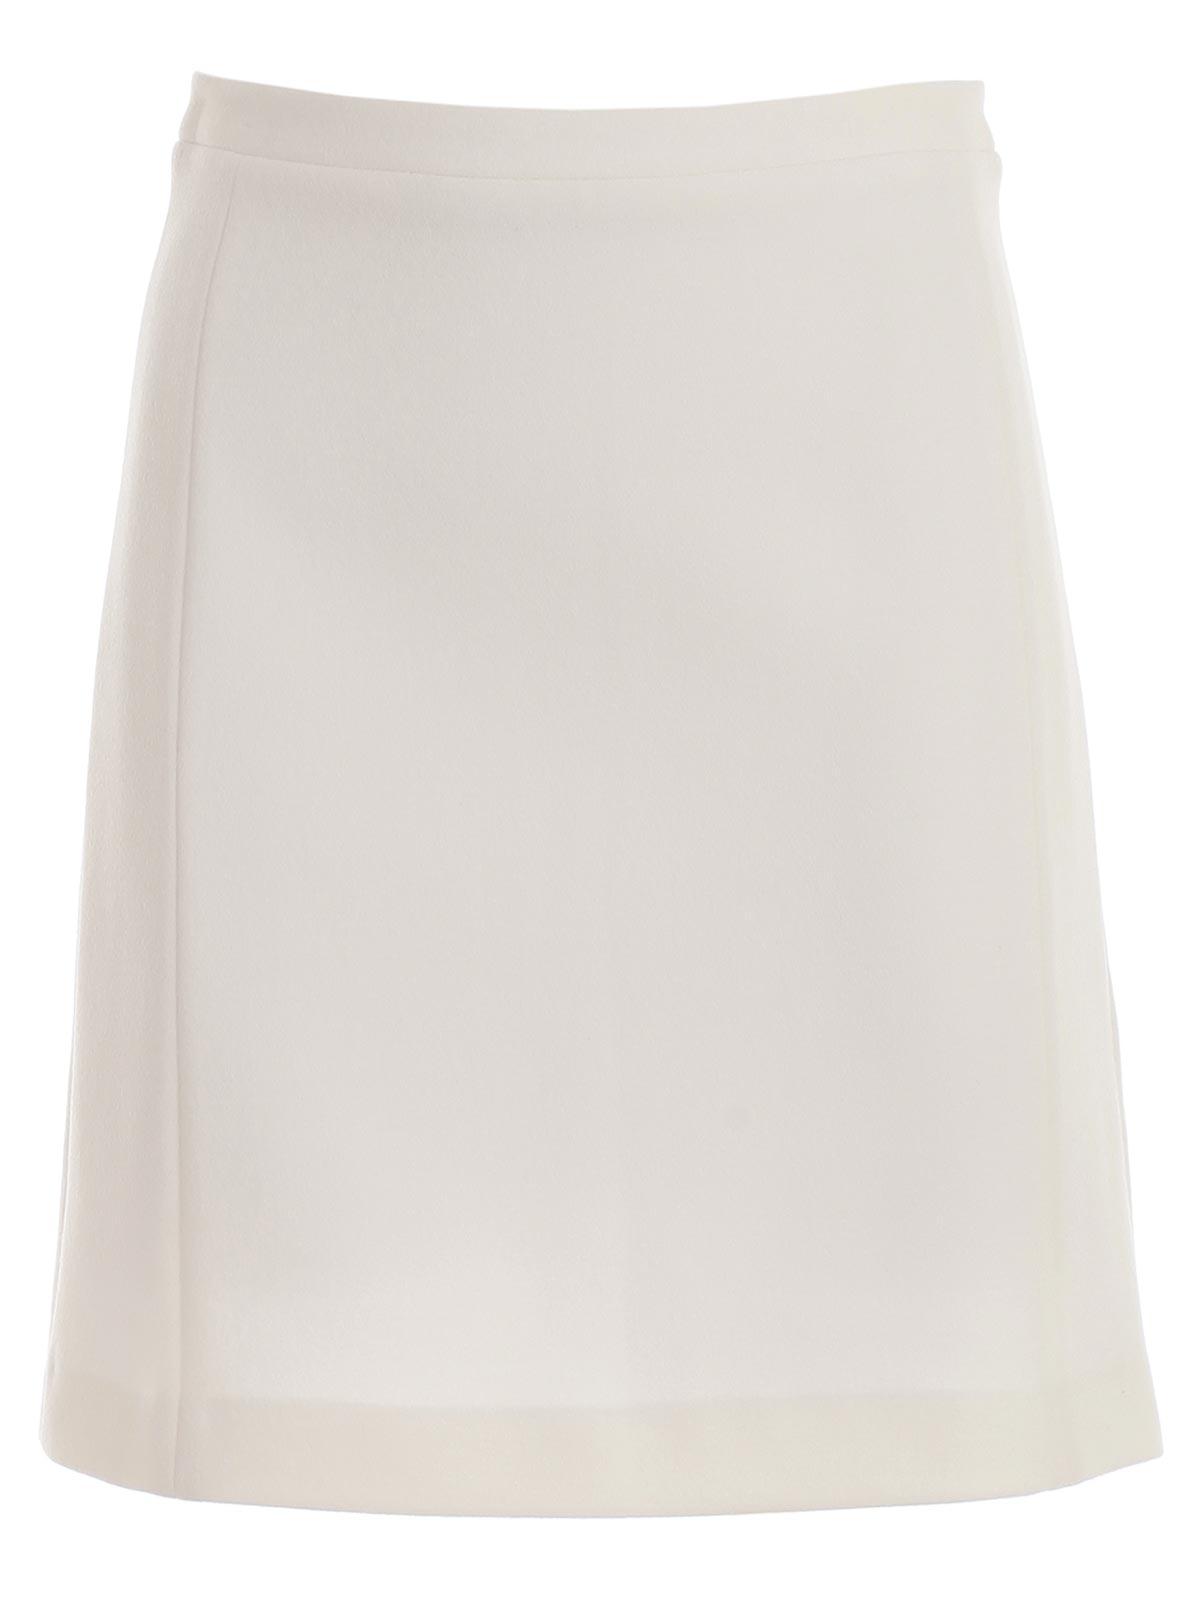 Picture of Blumarine Skirt